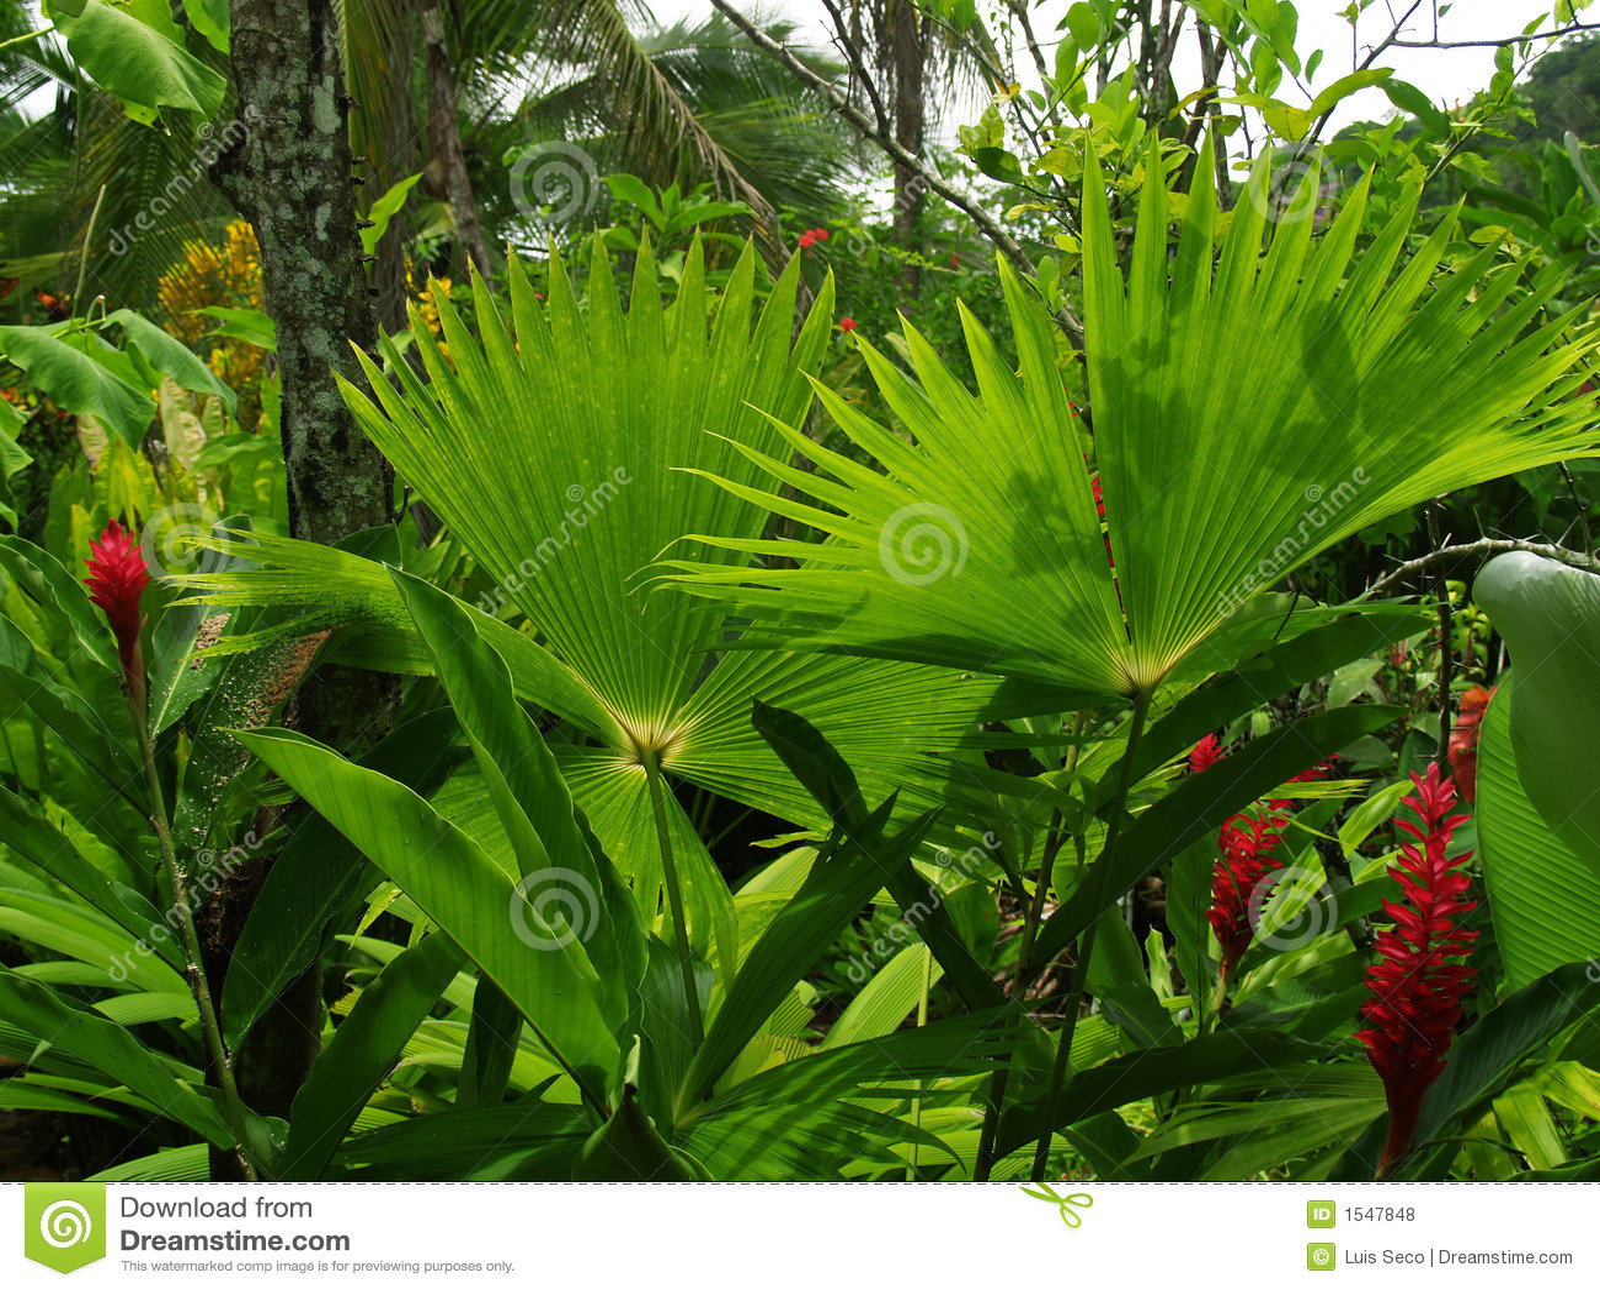 imagens de jardim tropicalFotos de Stock Royalty Free Jardim